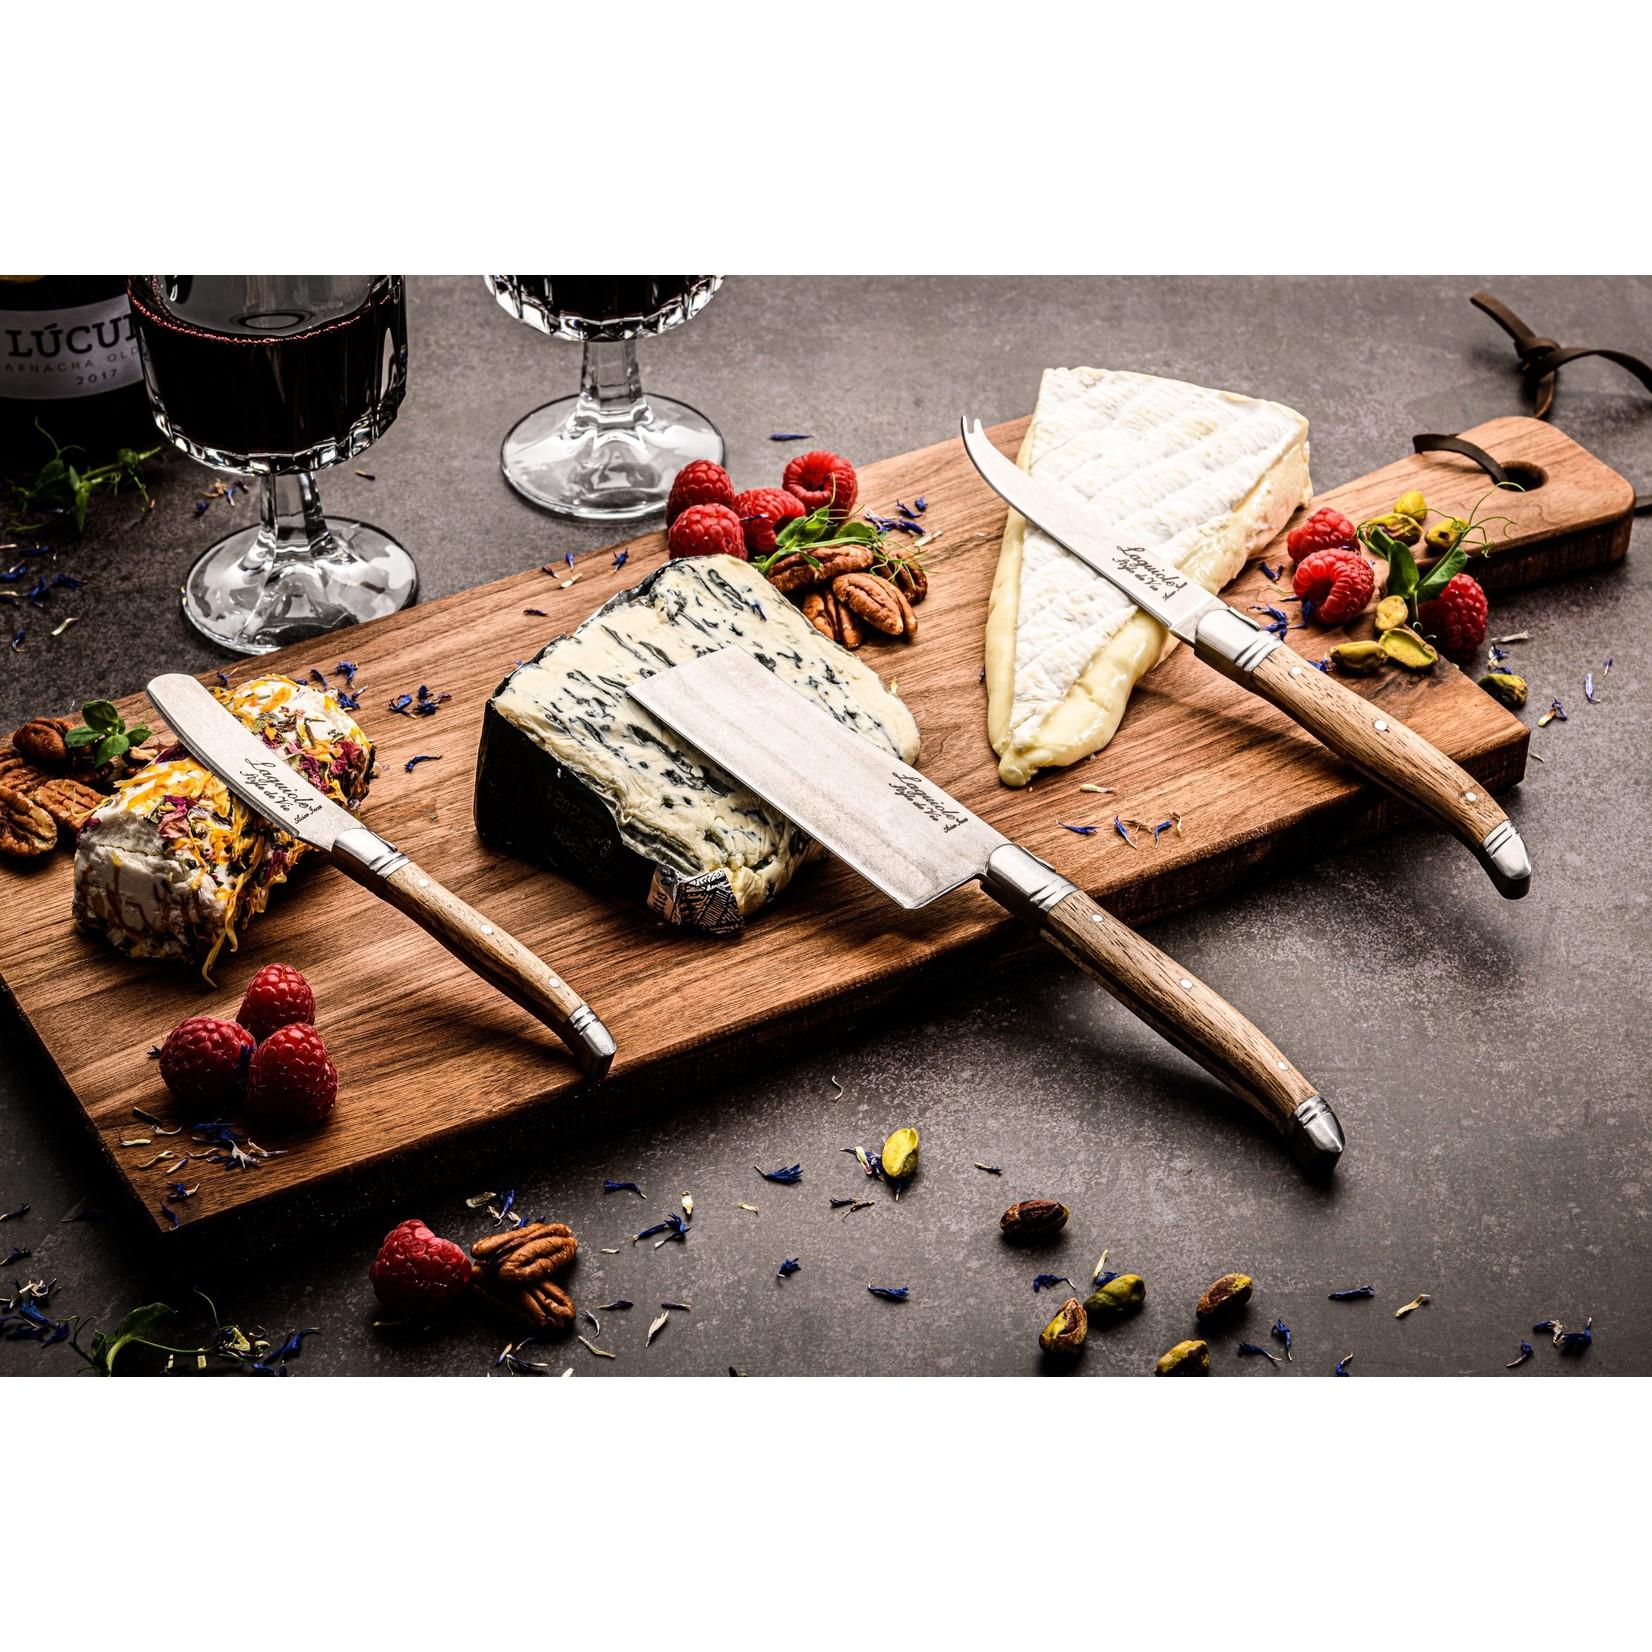 Laguiole Style de Vie Laguiole Style de Vie Luxury Line kaasmessenset 3-delig, eikenhout